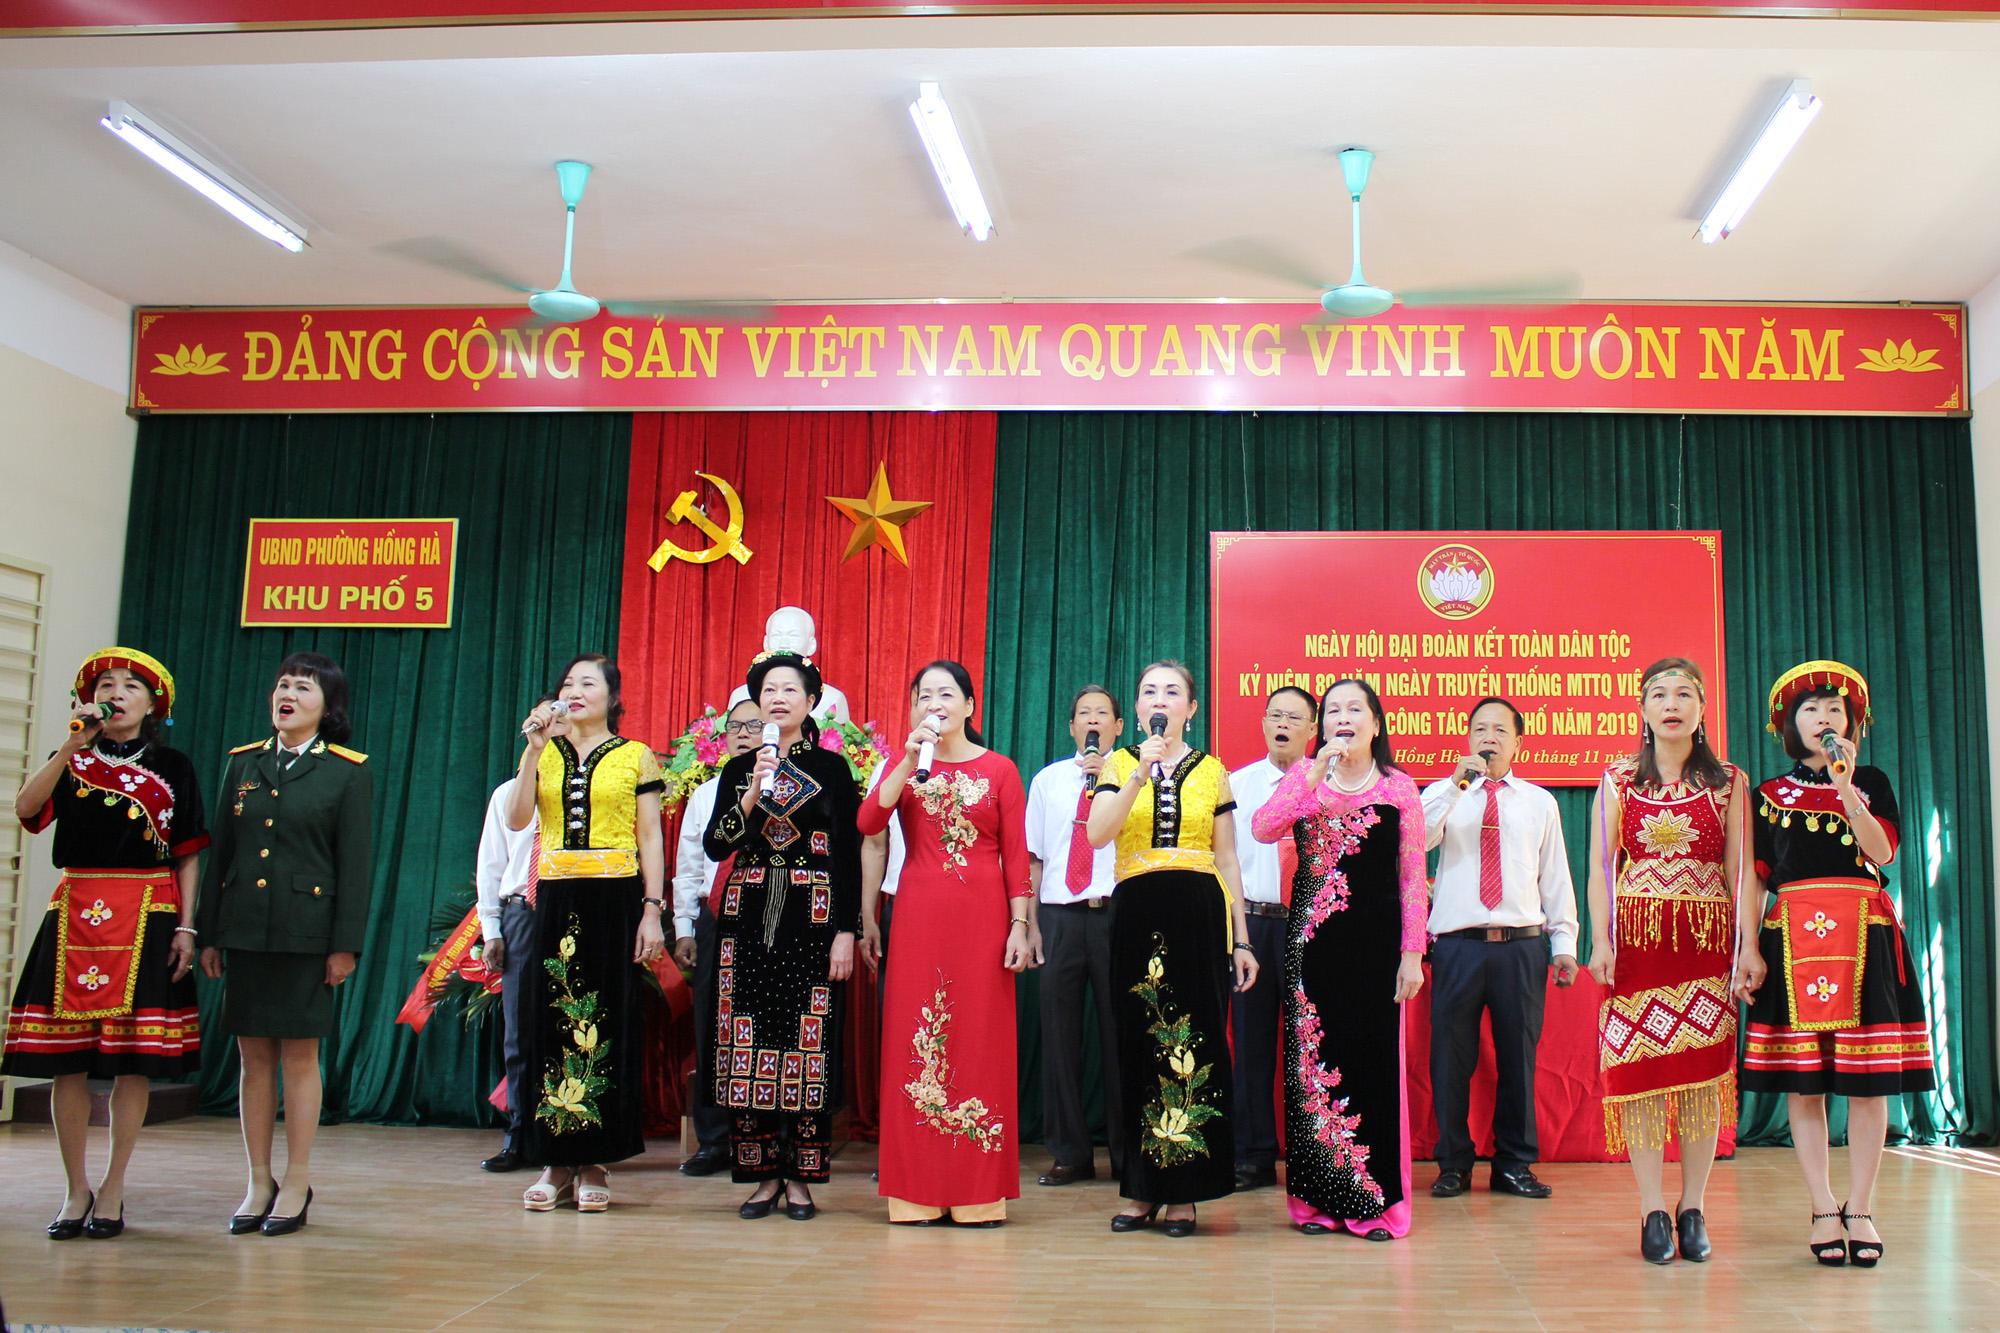 THỜI SỰ 6H SÁNG 18/11/2019: Hôm nay tại các địa phương trên cả nước diễn ra nhiều hoạt động nhân Ngày hội Đại đoàn kết toàn dân tộc năm 2019, kỷ niệm 89 năm Ngày truyền thống Mặt trận Tổ quốc Việt Nam.